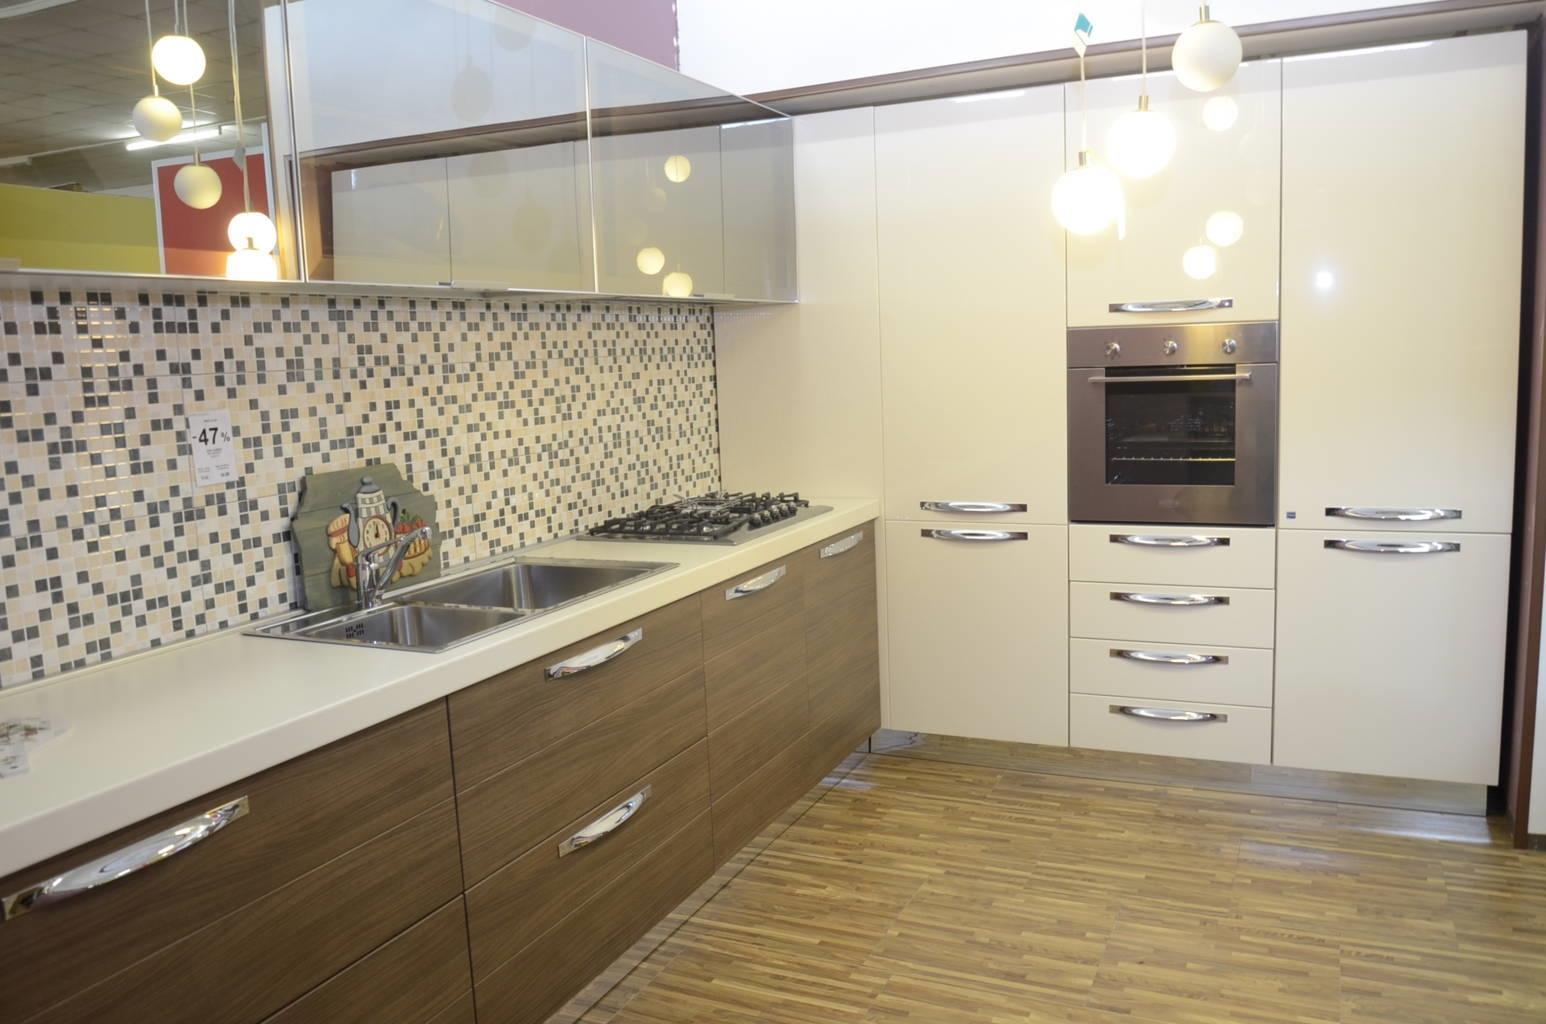 Cucina Stosa Cucine Replay scontato del -56 % - Cucine a prezzi ...